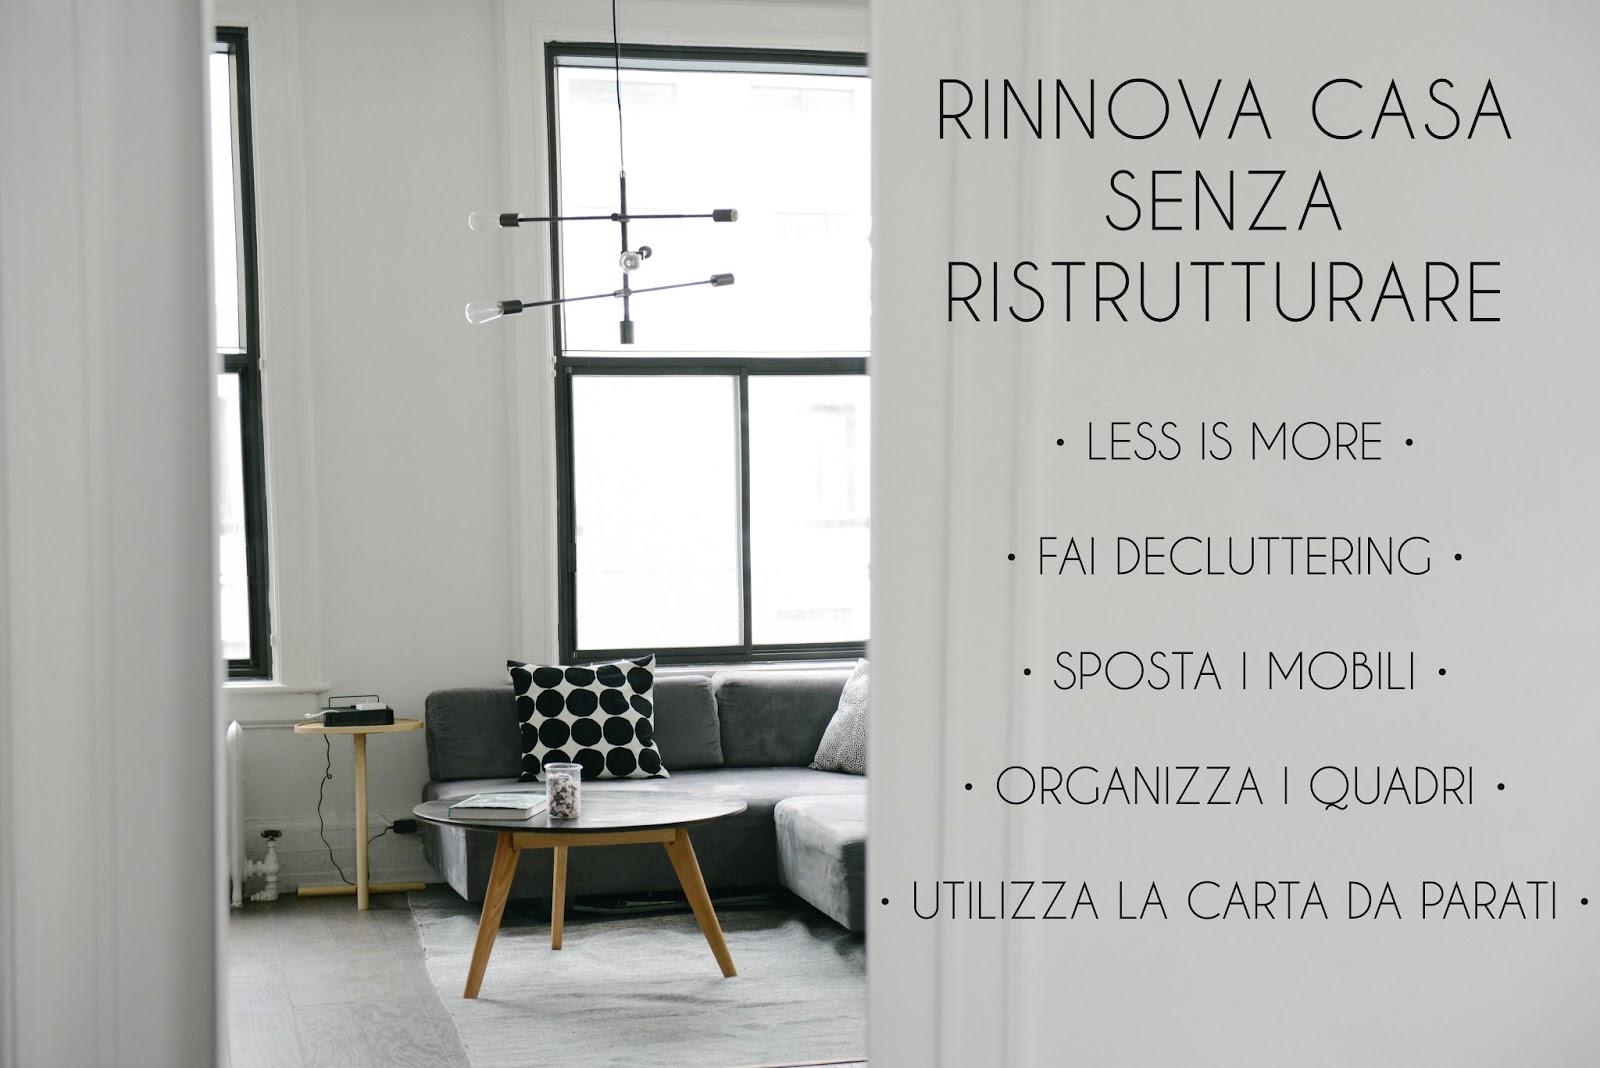 Rinnovare casa senza lavori di ristrutturazione studiomag interior design - Lavori di ristrutturazione casa ...